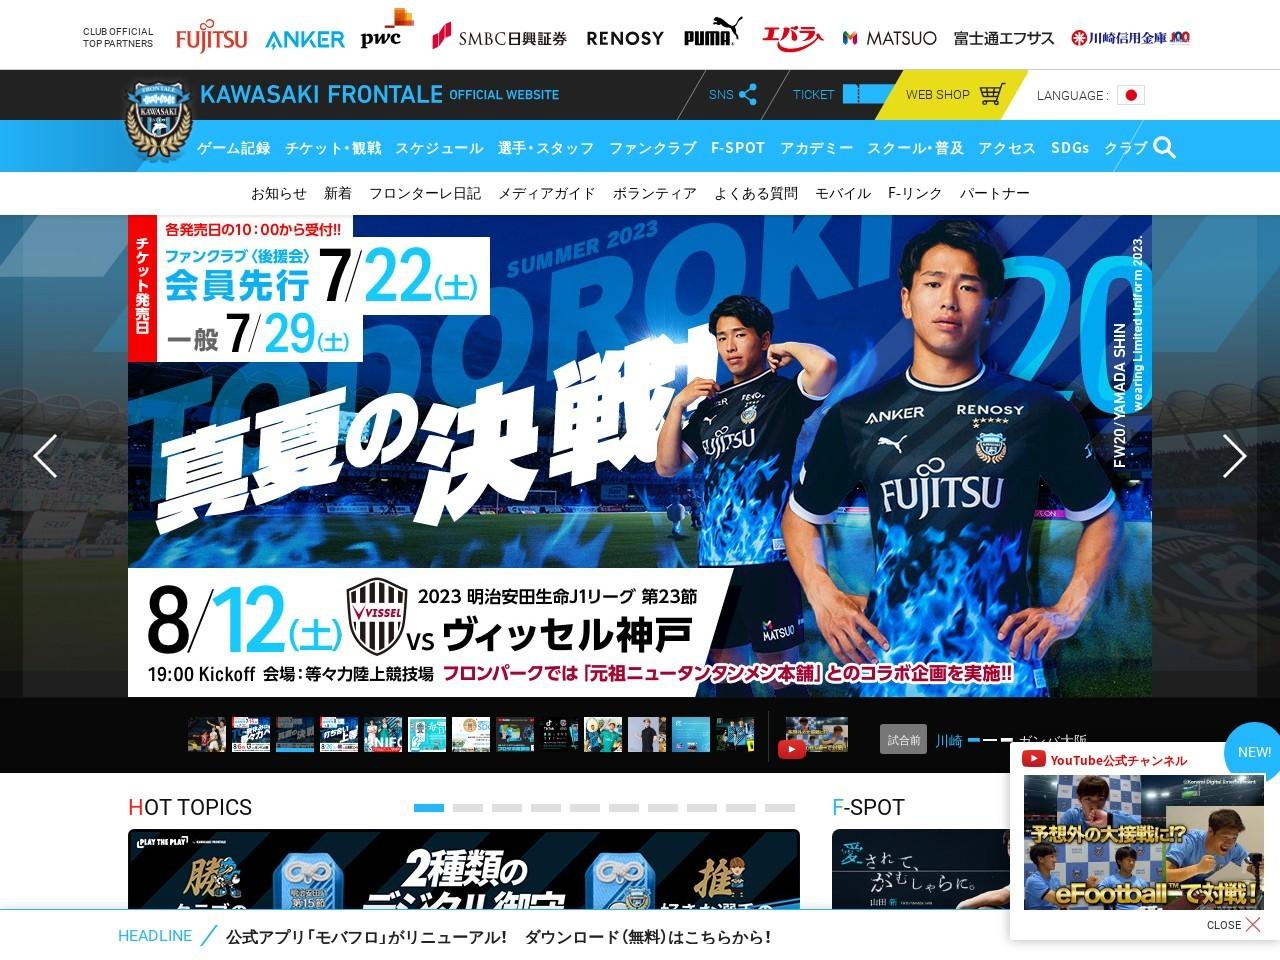 http://www.frontale.co.jp/info/2015/0302_13.html